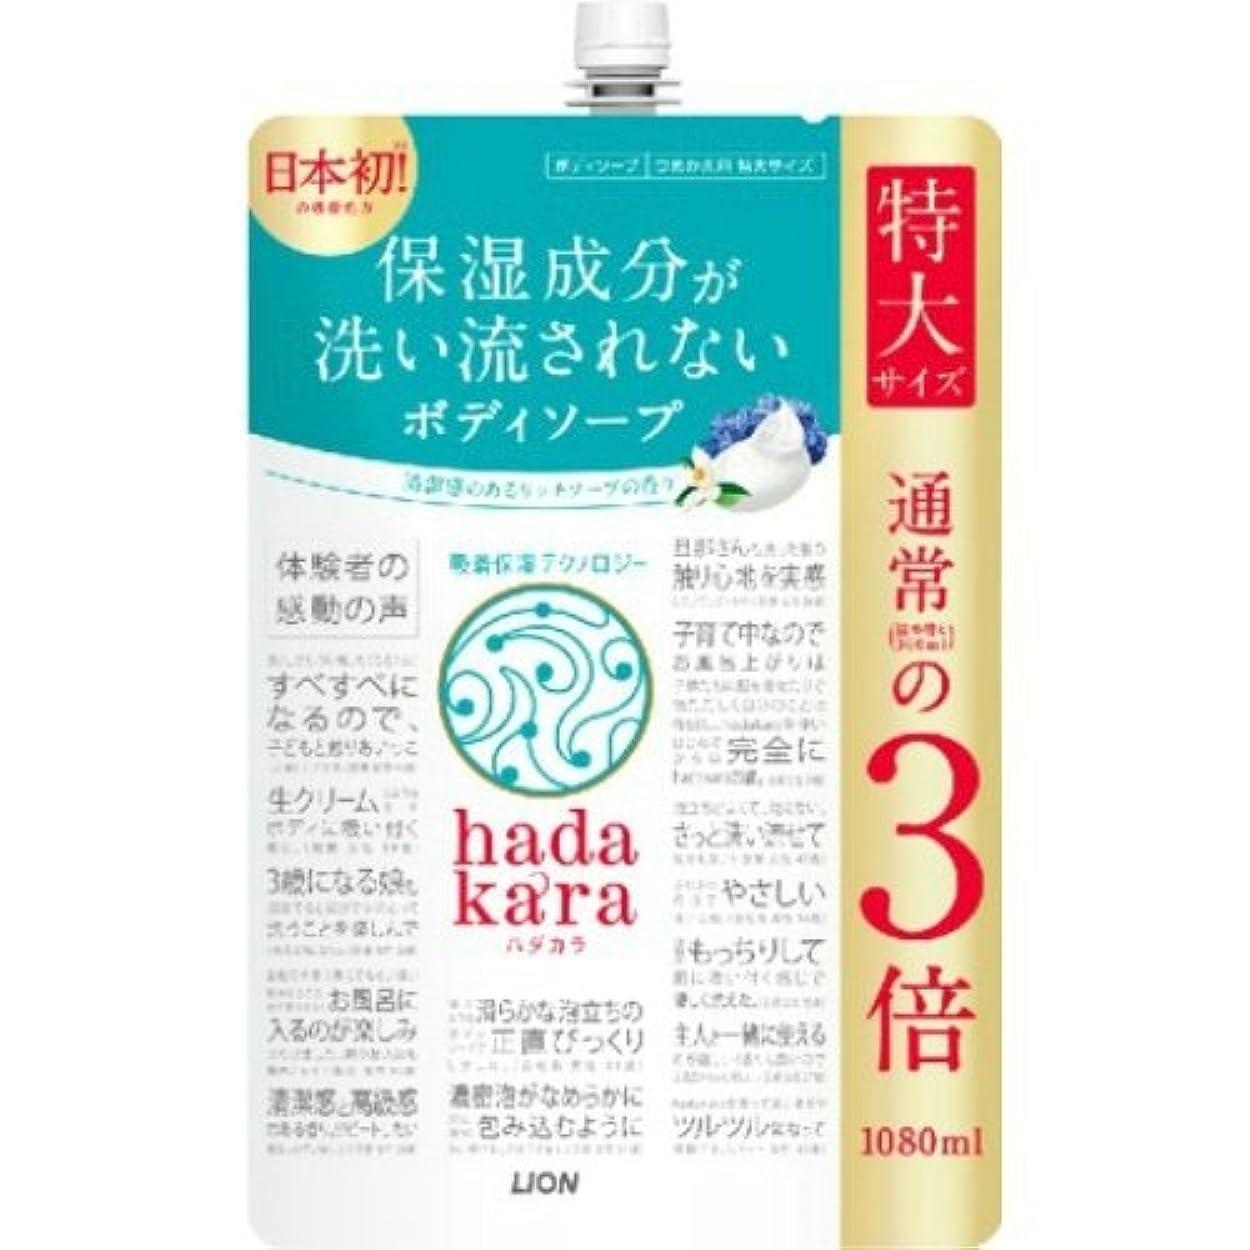 上昇ねじれ威するLION ライオン hadakara ハダカラ ボディソープ リッチソープの香り つめかえ用 特大サイズ 1080ml ×006点セット(4903301260882)